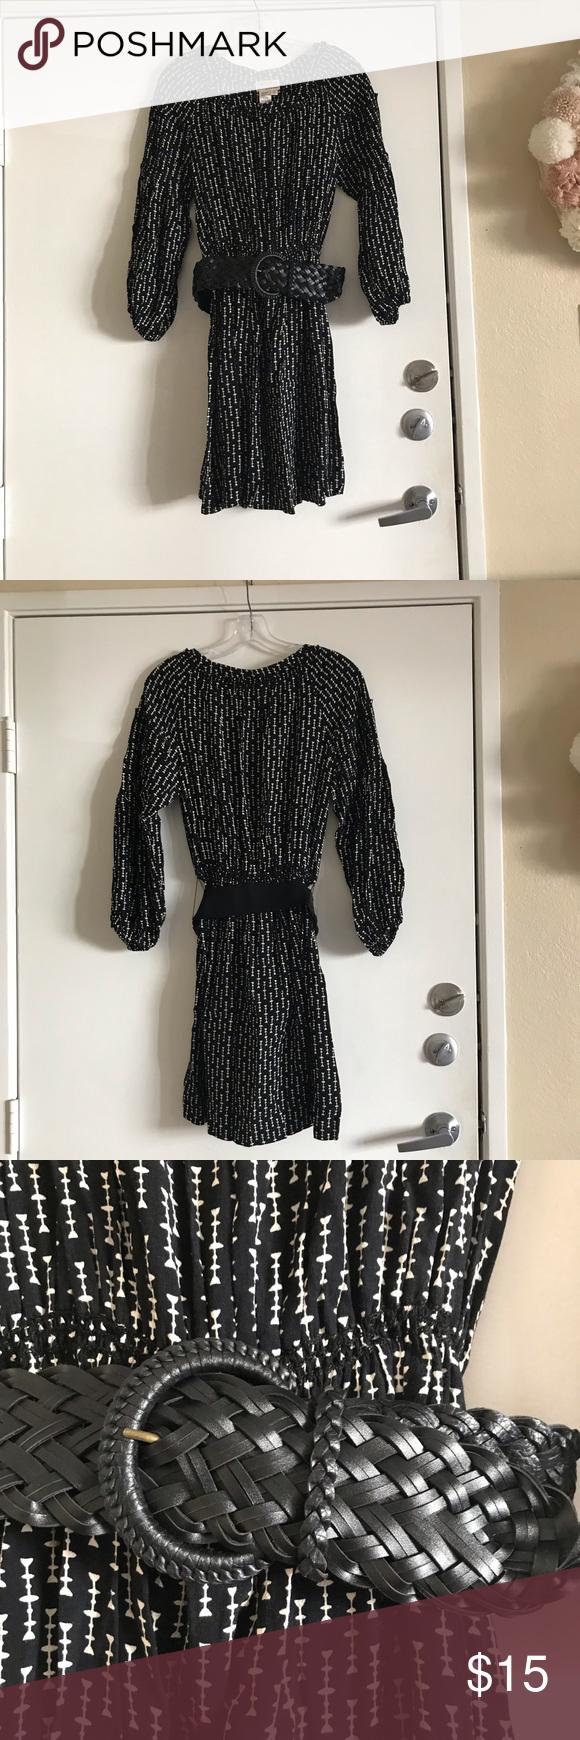 Max Studio Mssp Black Dress With Belt Dresses Clothes Design Max Studio Dress [ 1740 x 580 Pixel ]